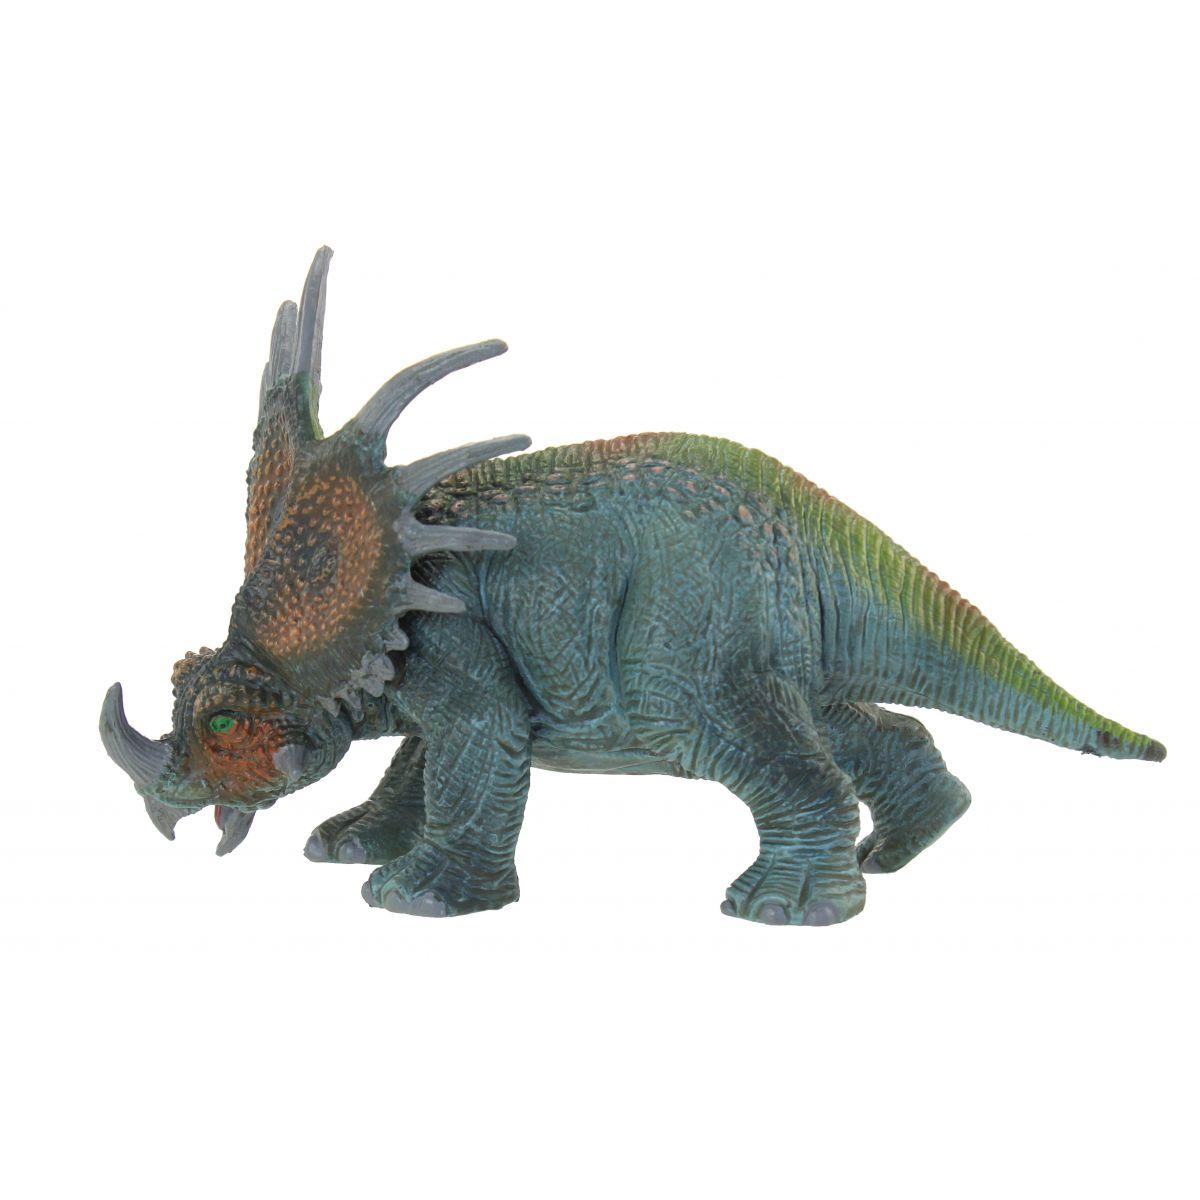 EPline Zvieratko Dinosaurus pentaceratops